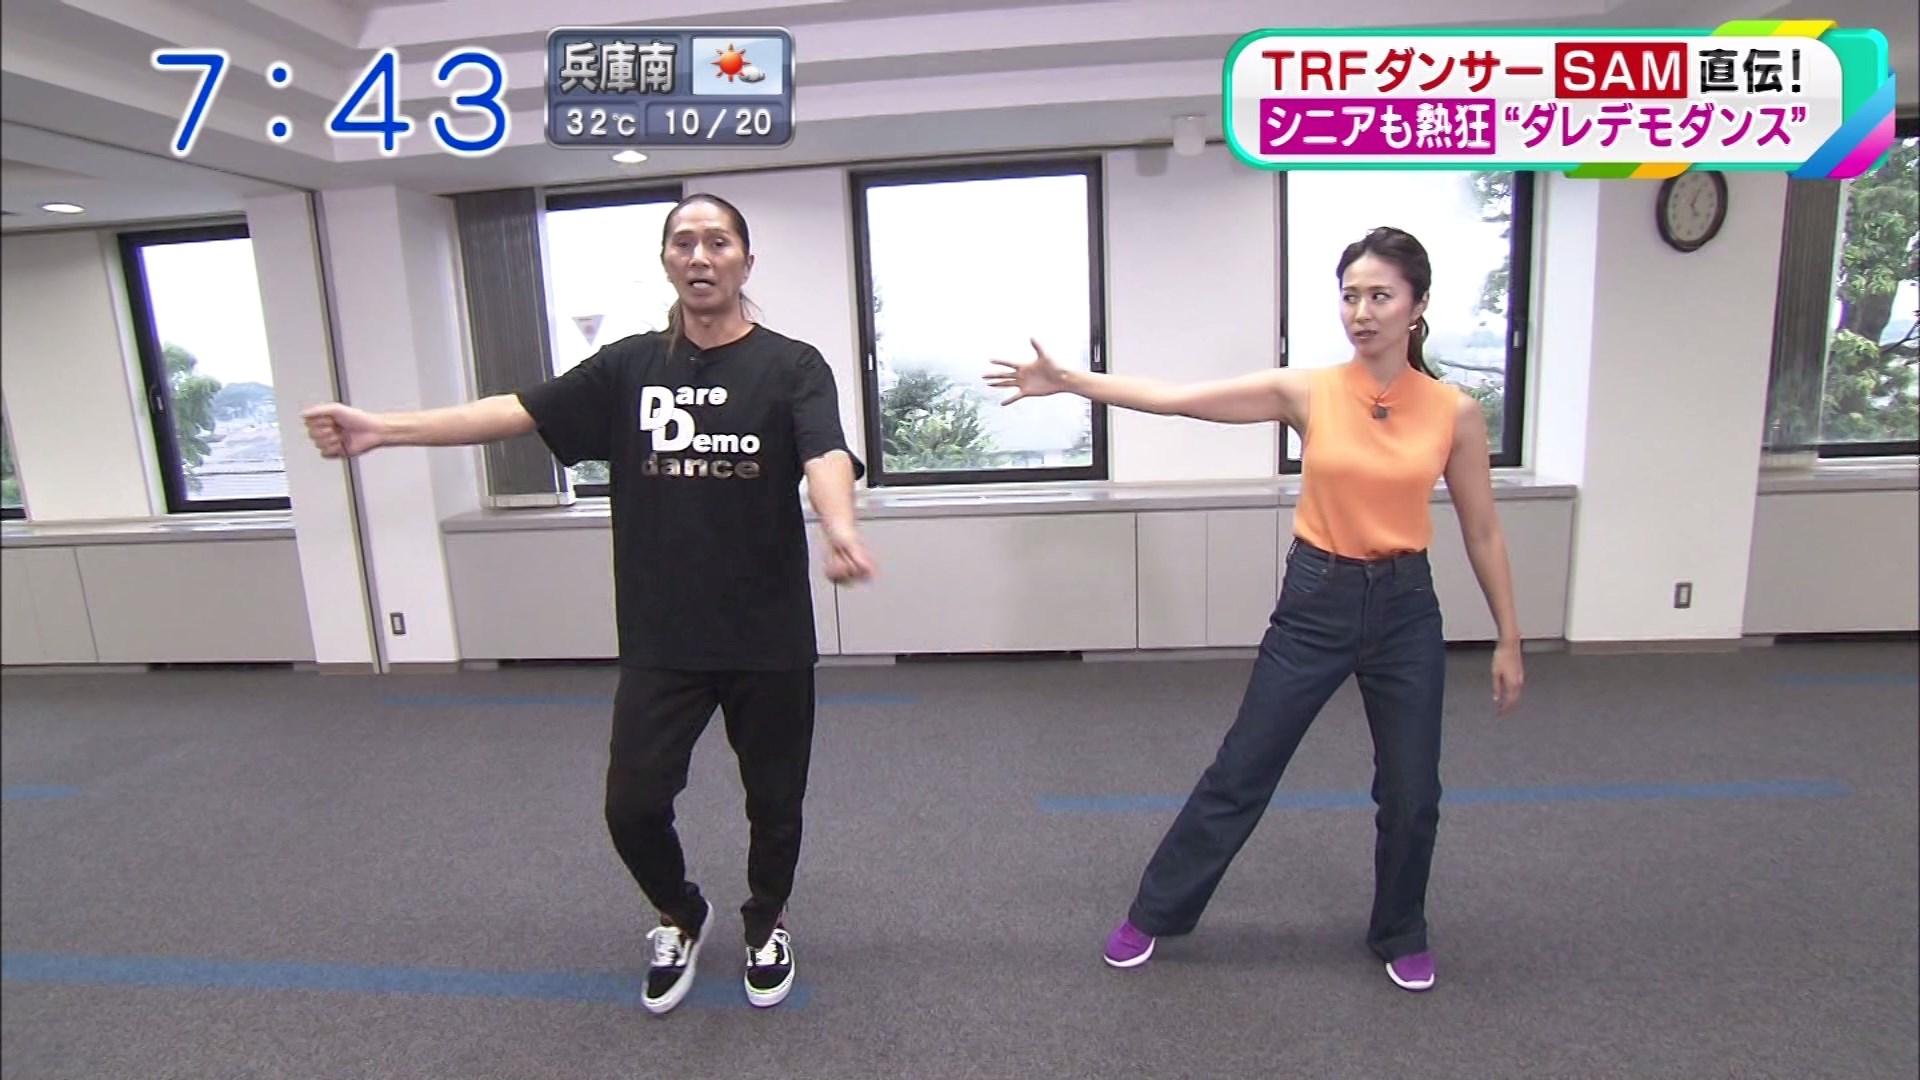 2019年9月16日に放送された「おはよう朝日です」に出演した安藤絵里菜さんのテレビキャプチャー画像-100